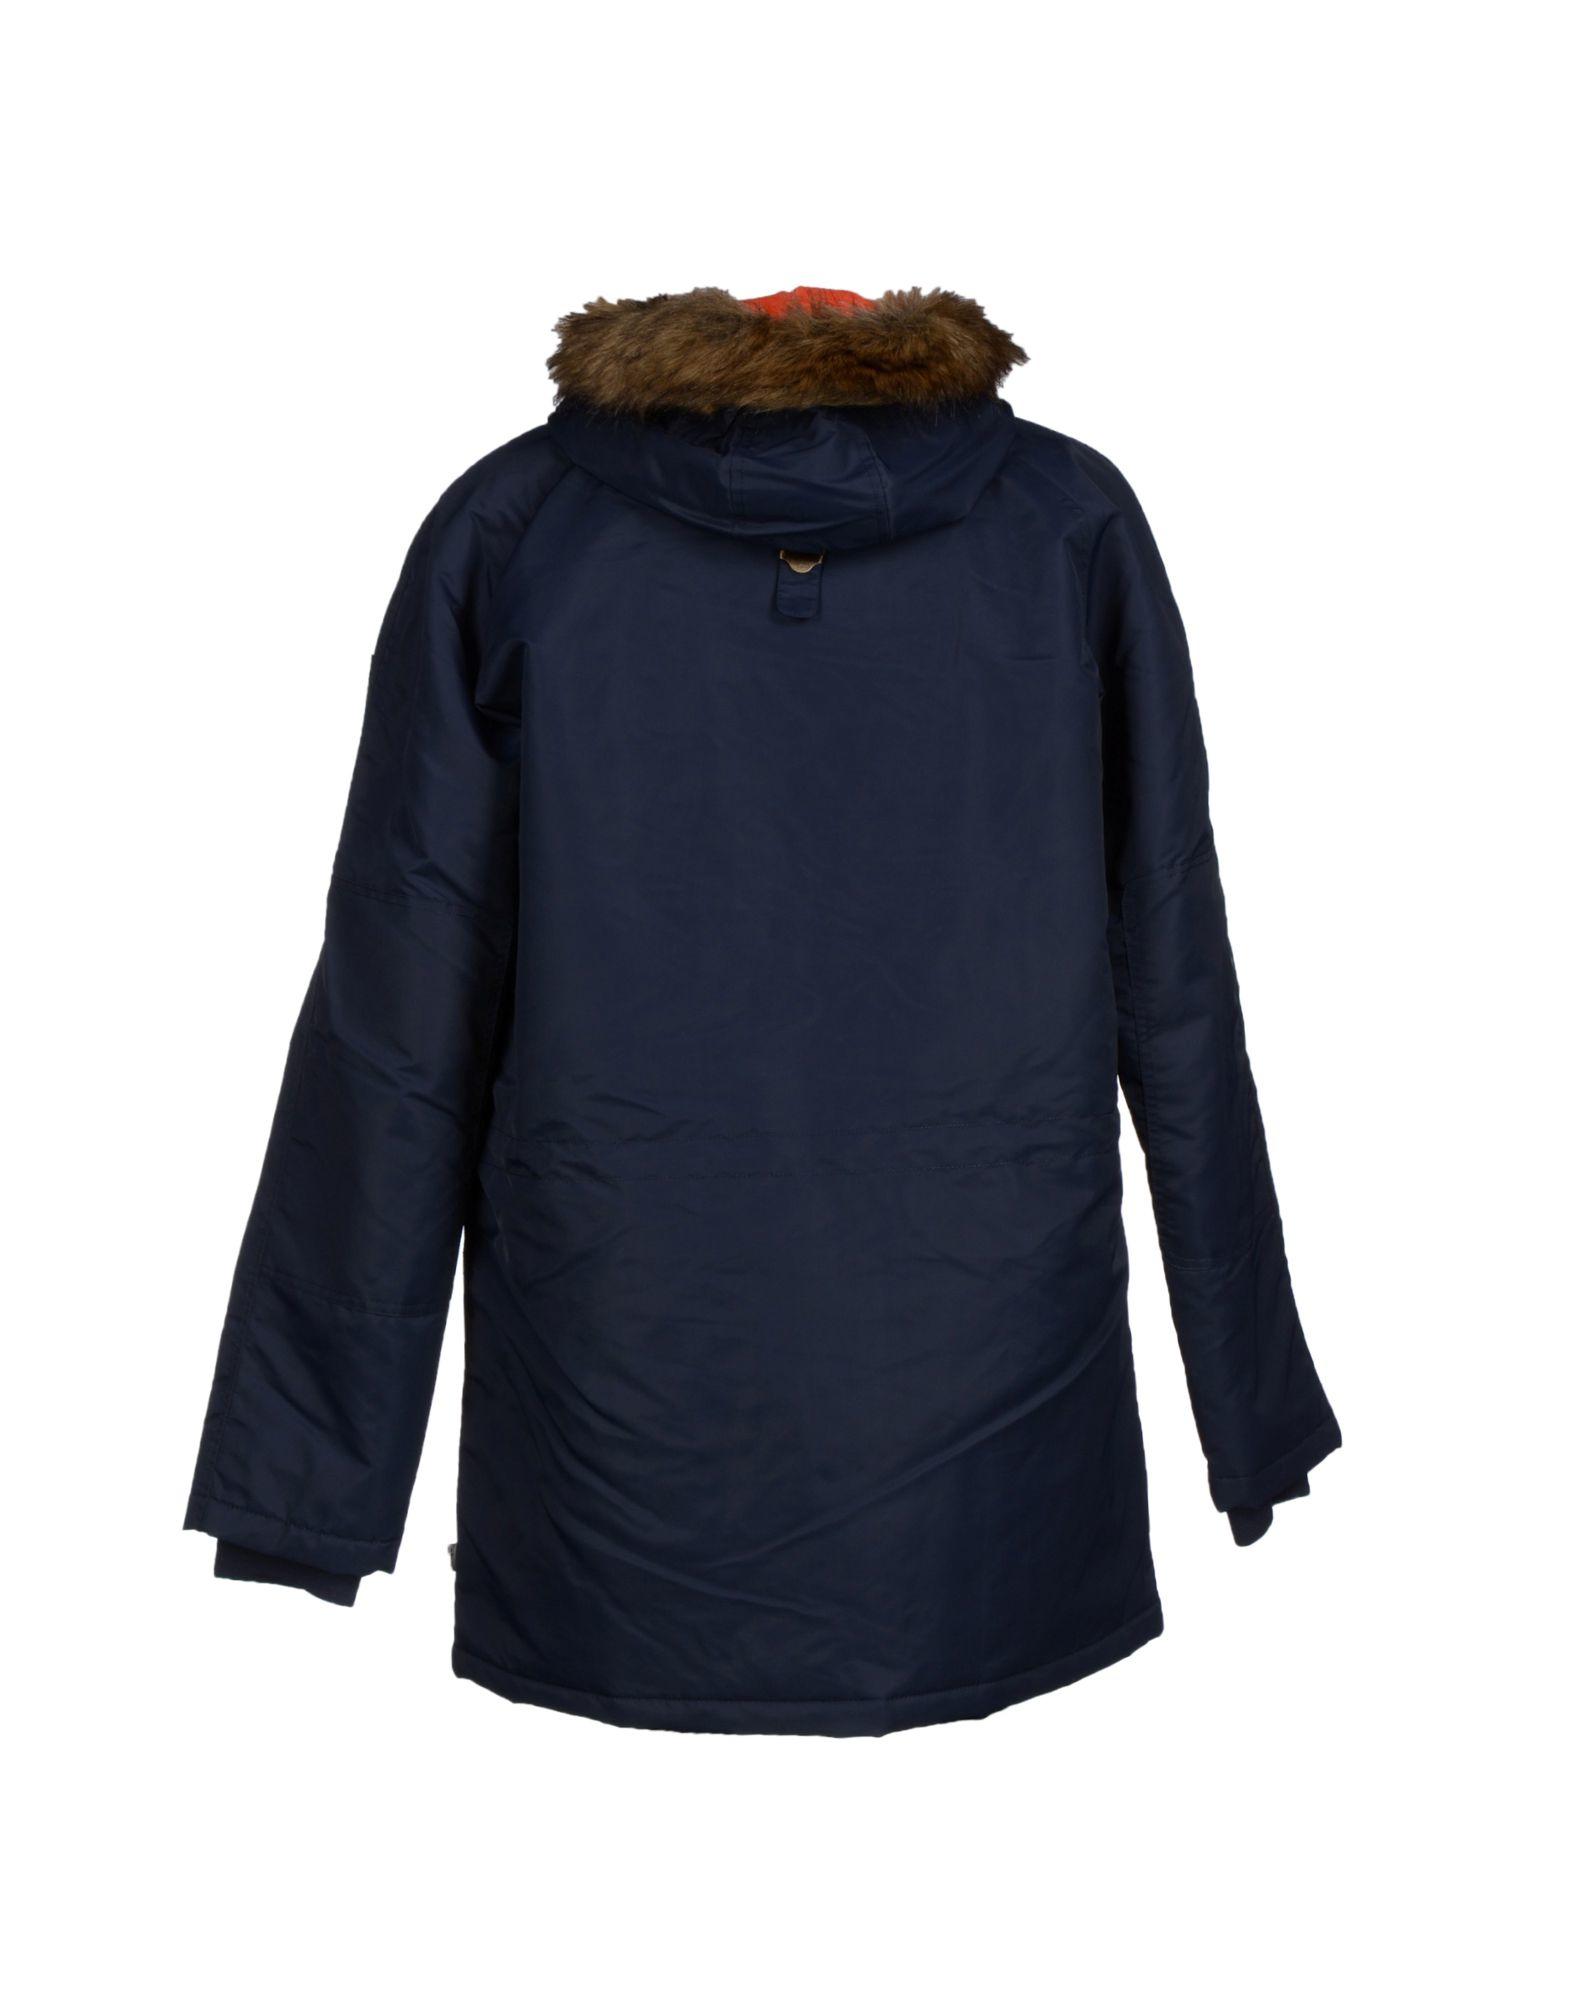 Lyst - Vans Jacket In Blue For Men